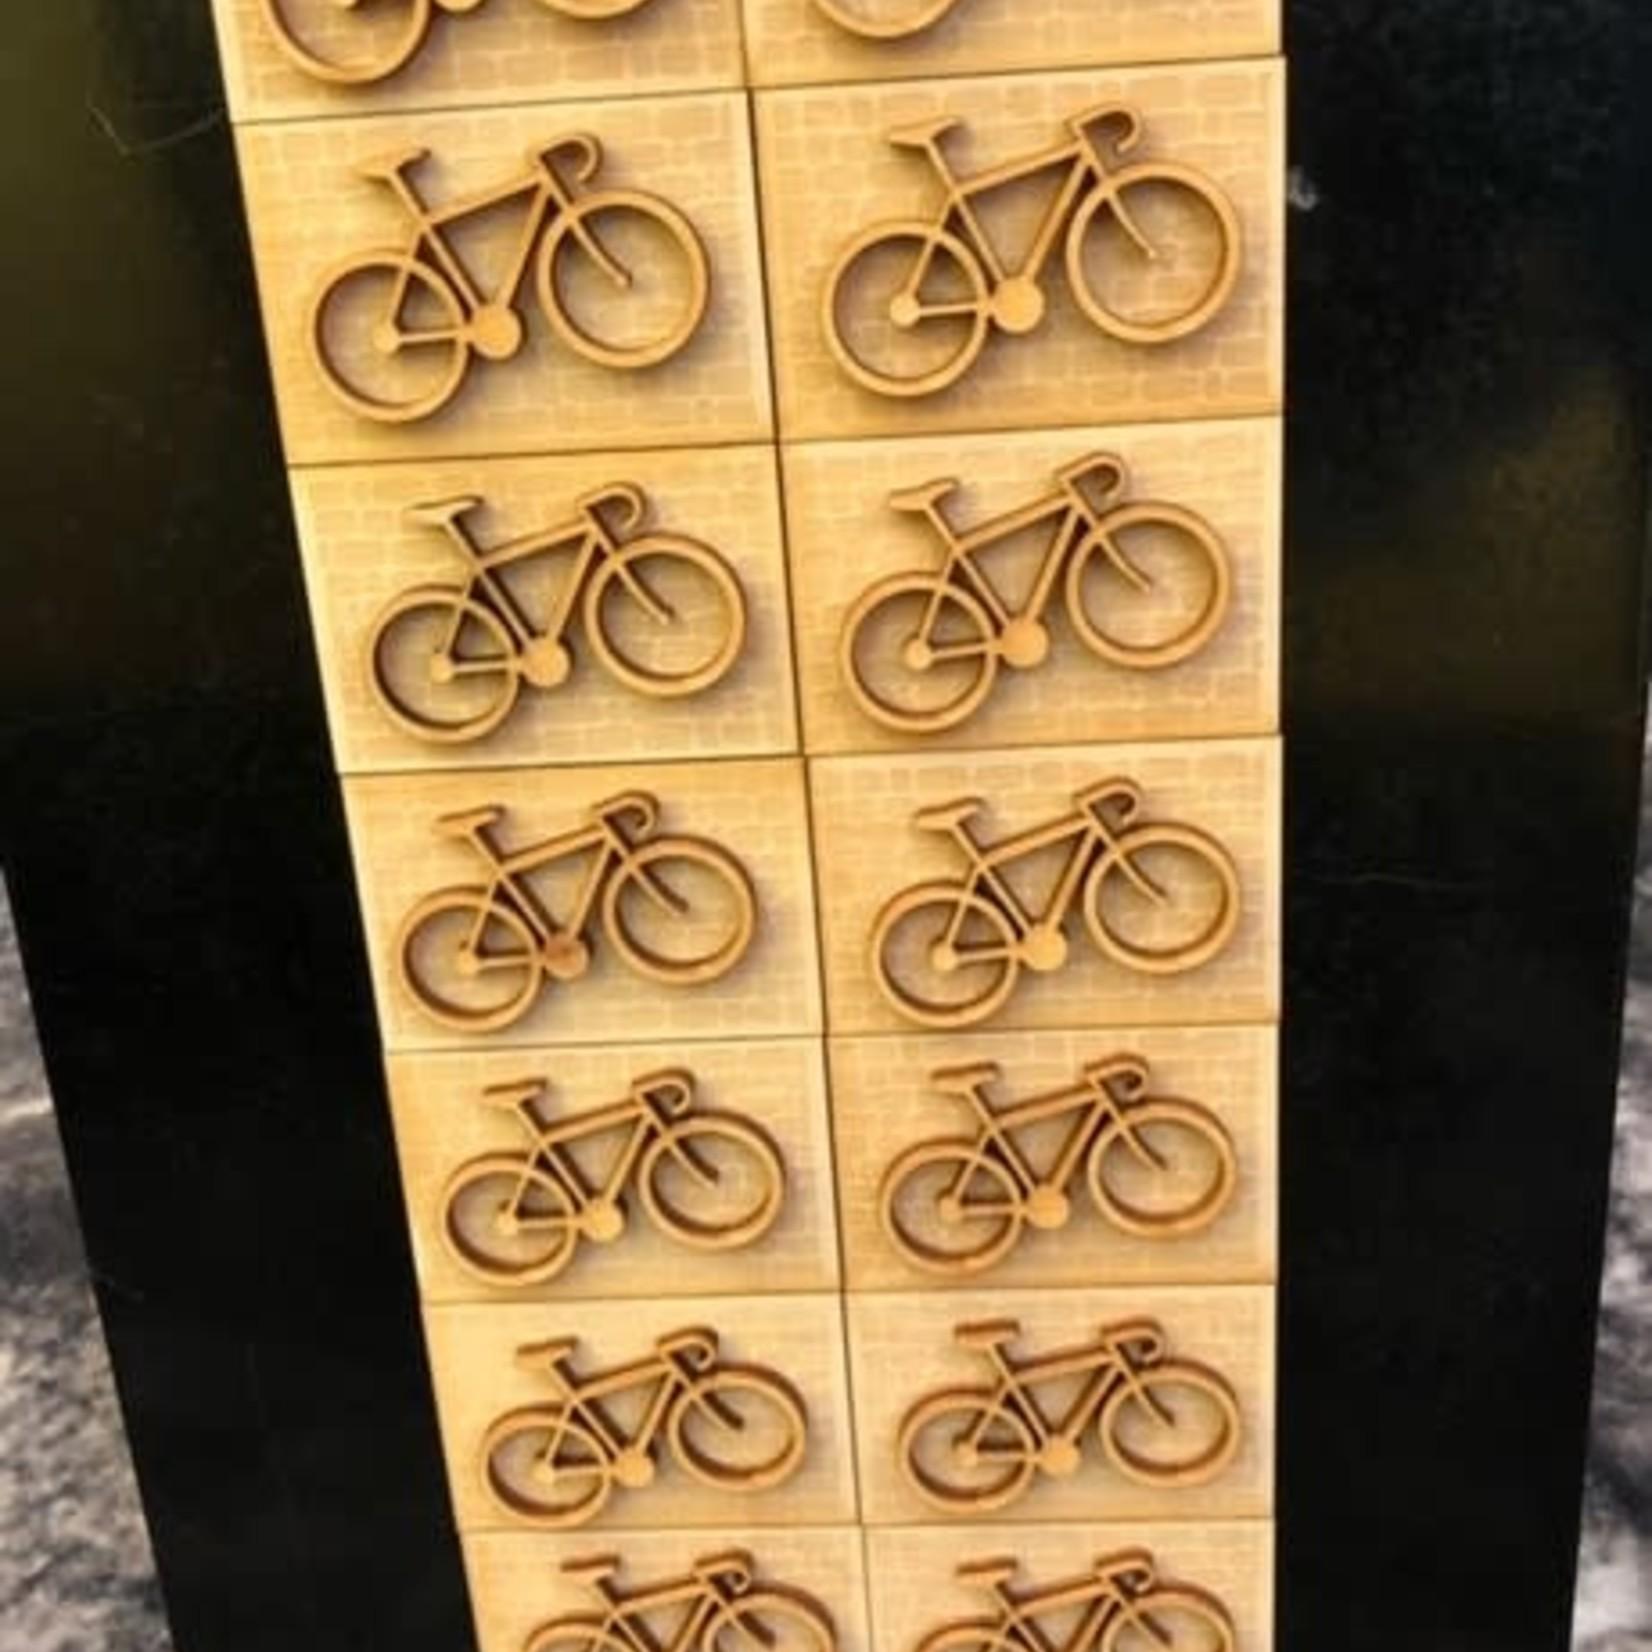 Magnet Bike/Cobble wood